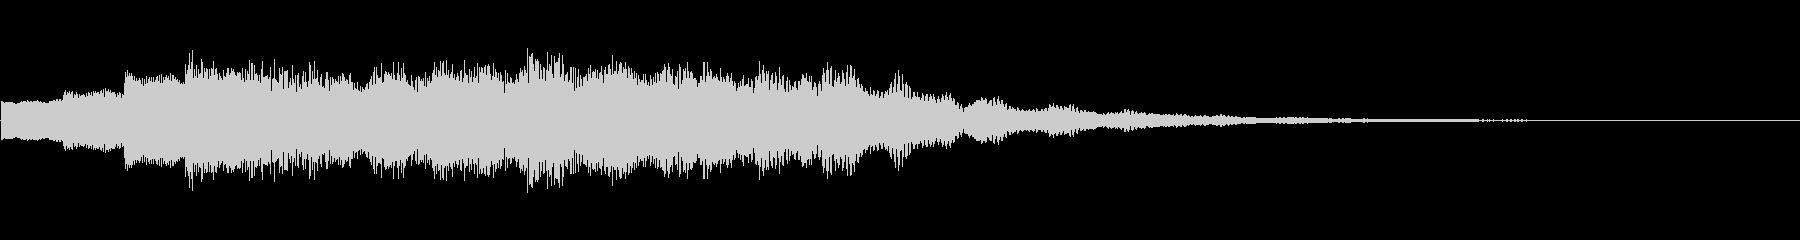 ベルの音の場面転換音の未再生の波形